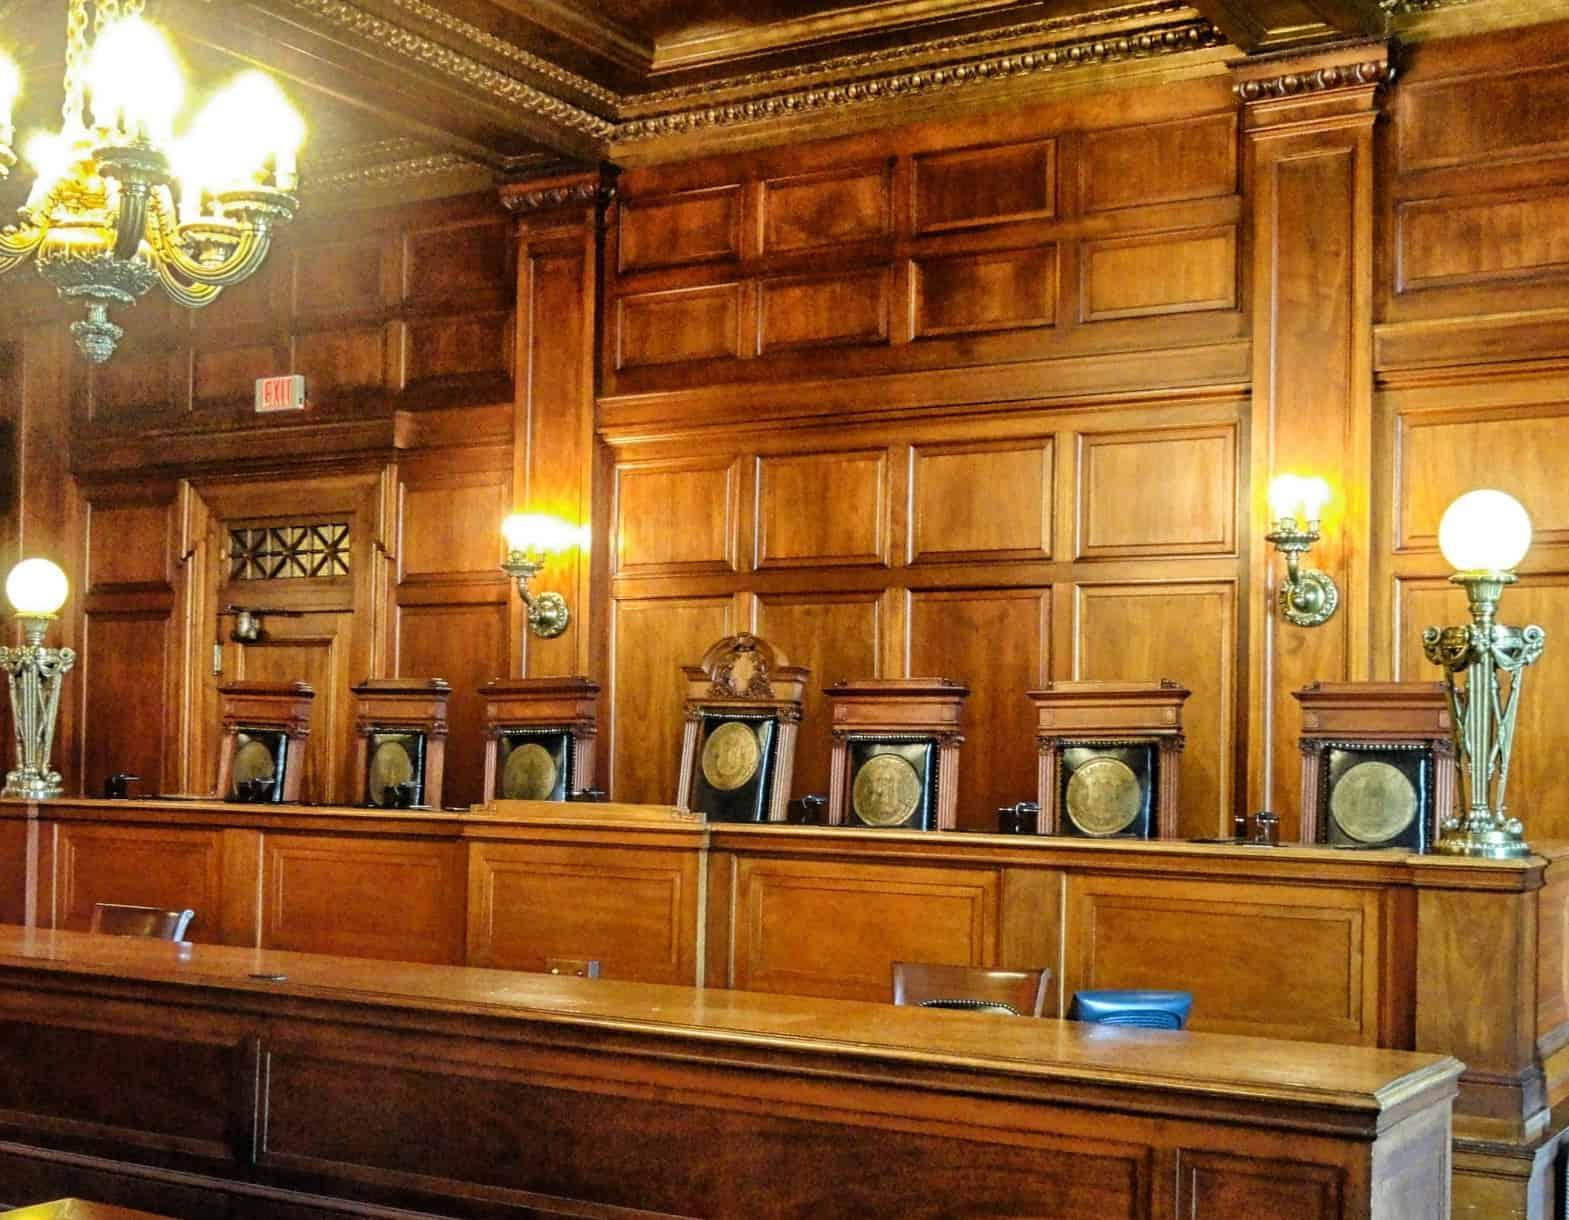 judicial bias